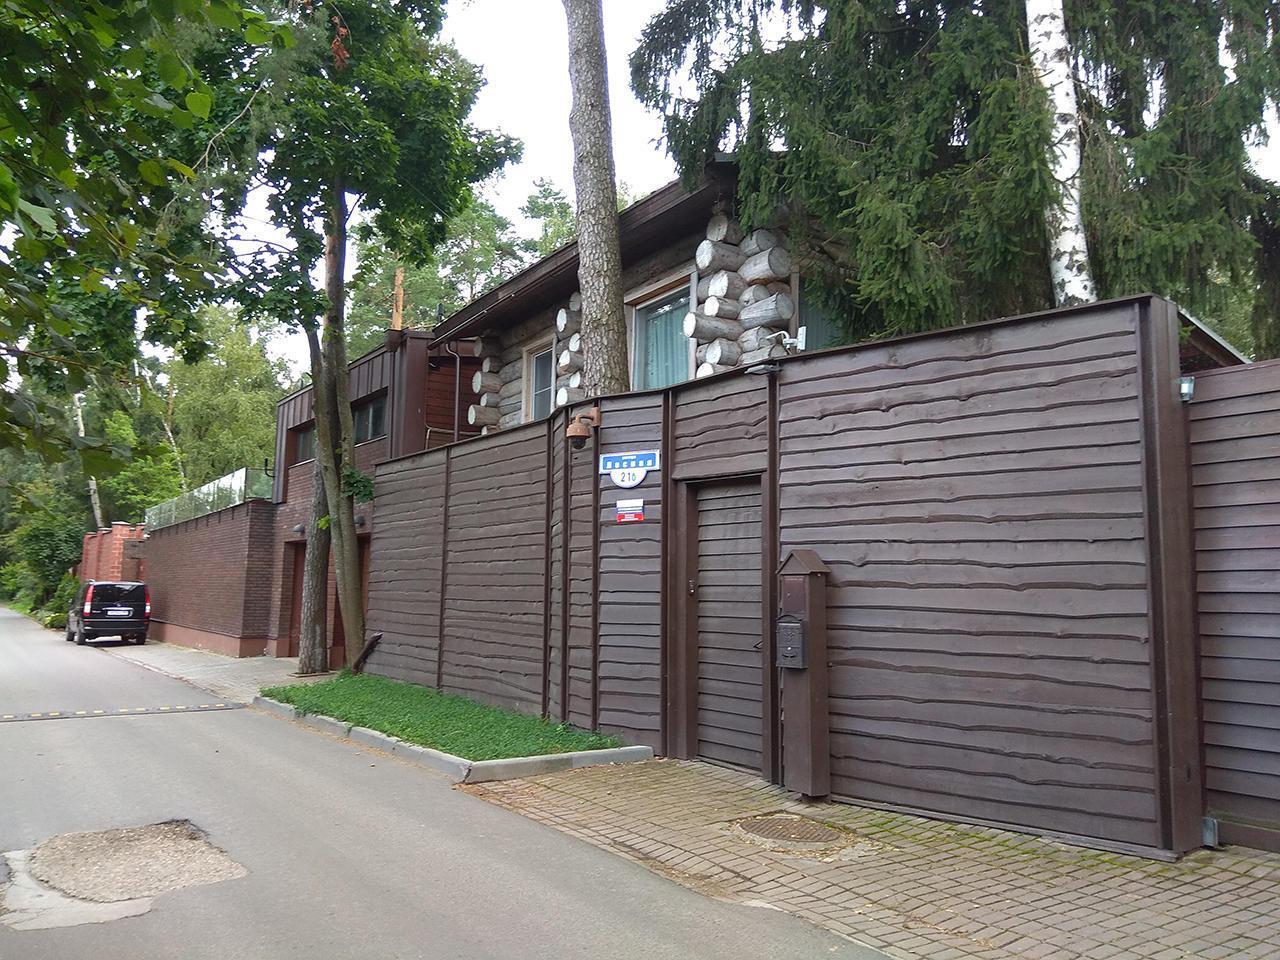 По сусідству з патріархом Кирилом: під Москвою знайшли будинок Януковича. розслідування